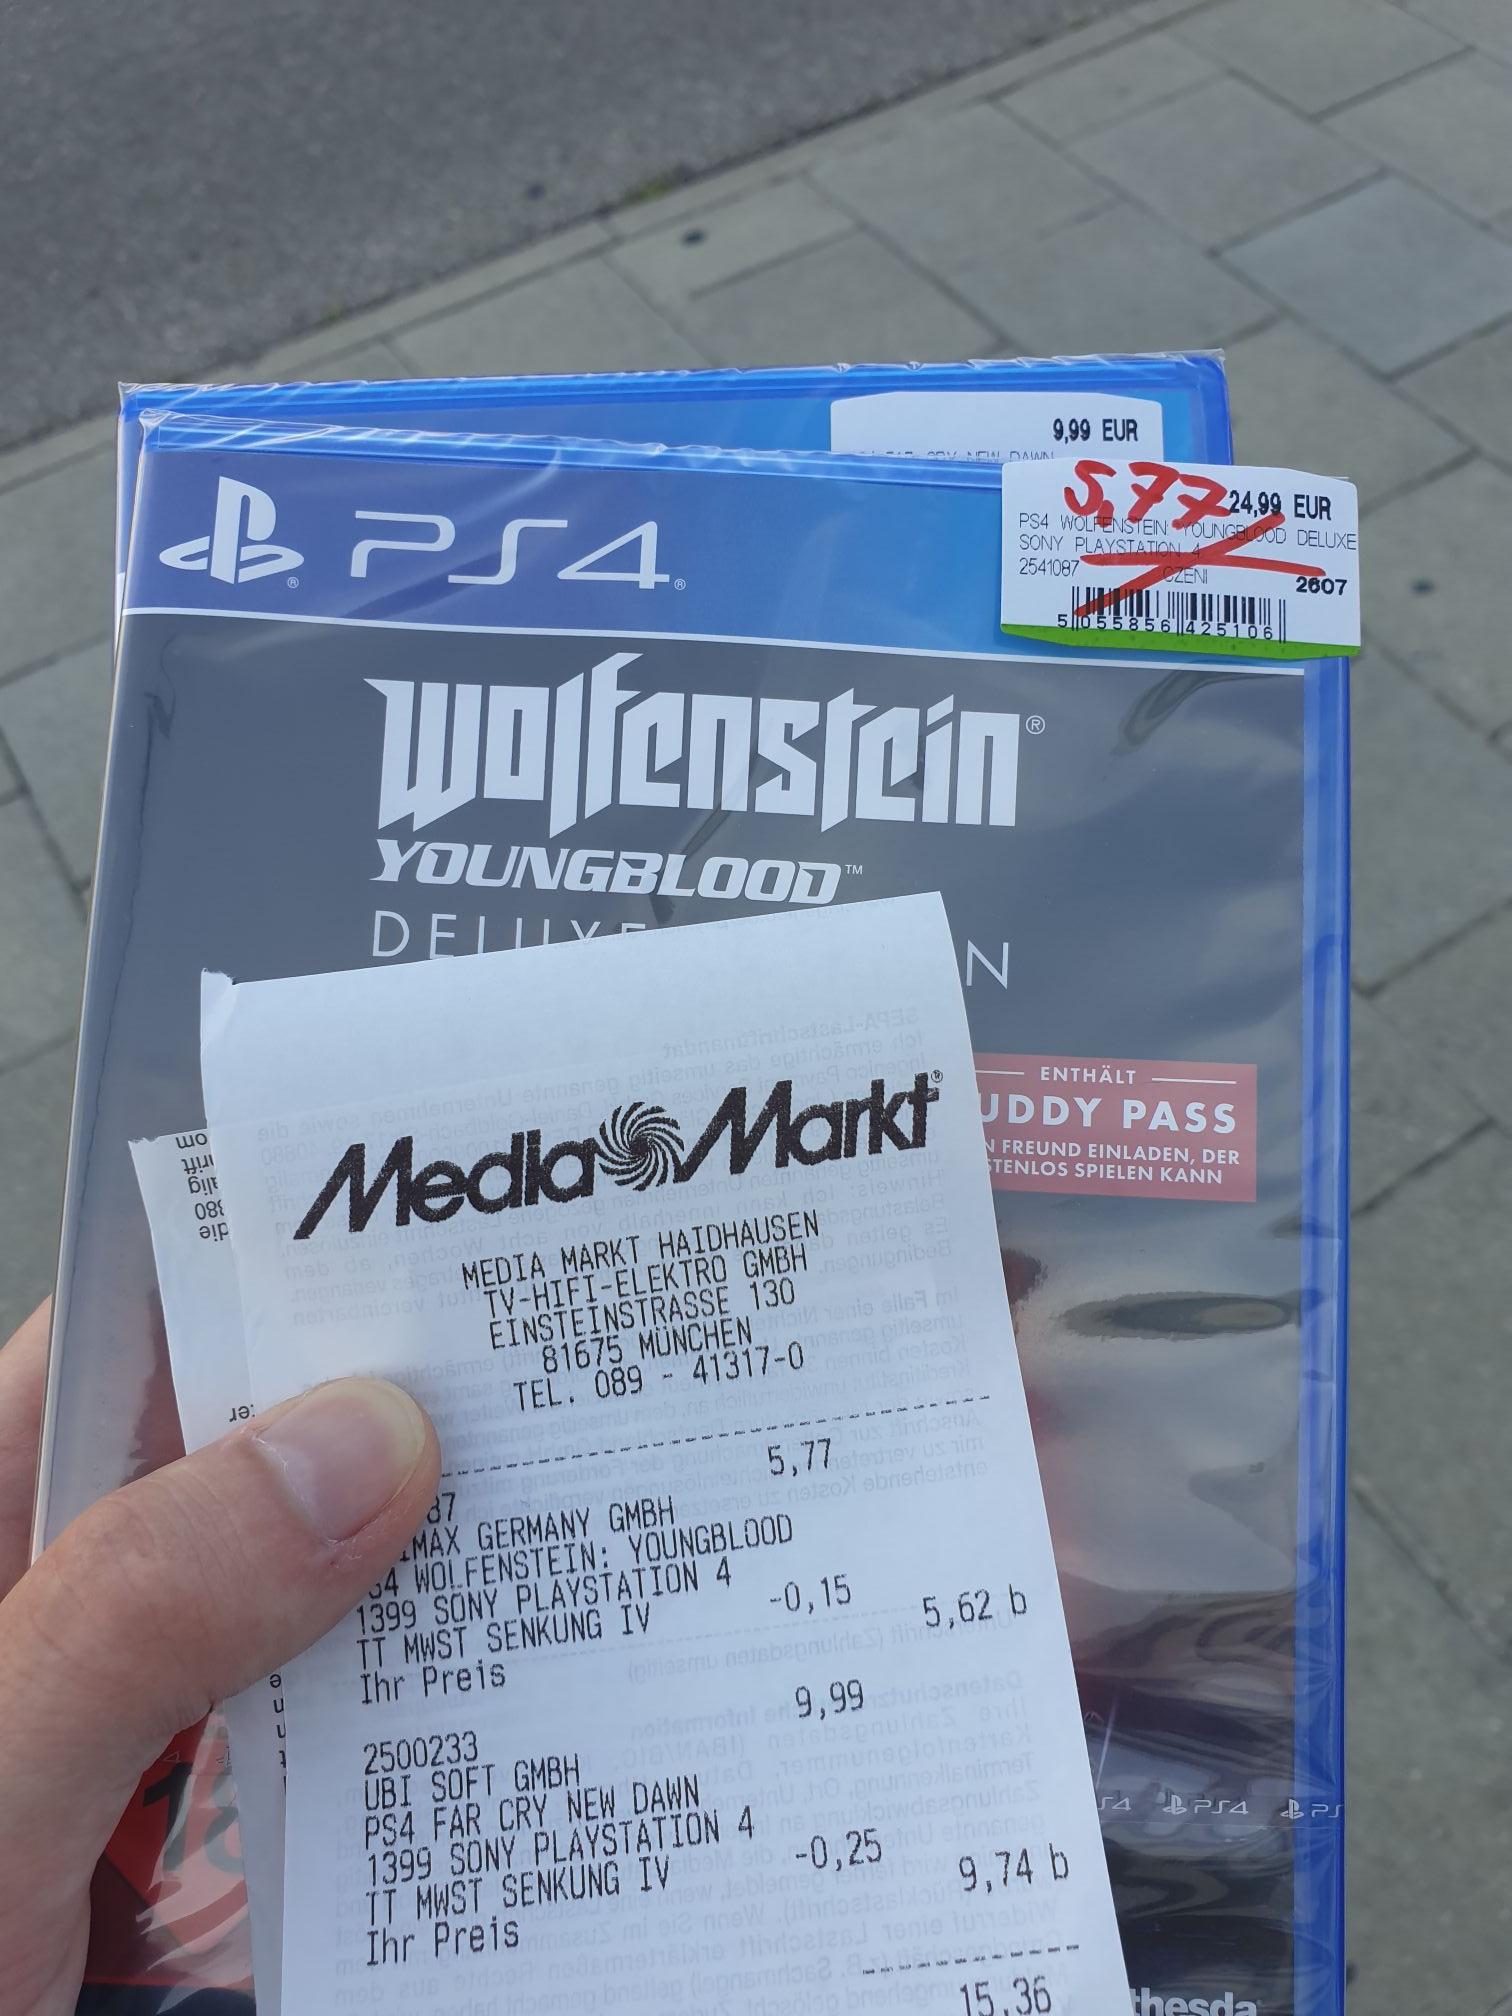 Wolfenstein Youngblood Deluxe PS4 (Lokal München Media Markt das Einstein / Leuchtenbergring)